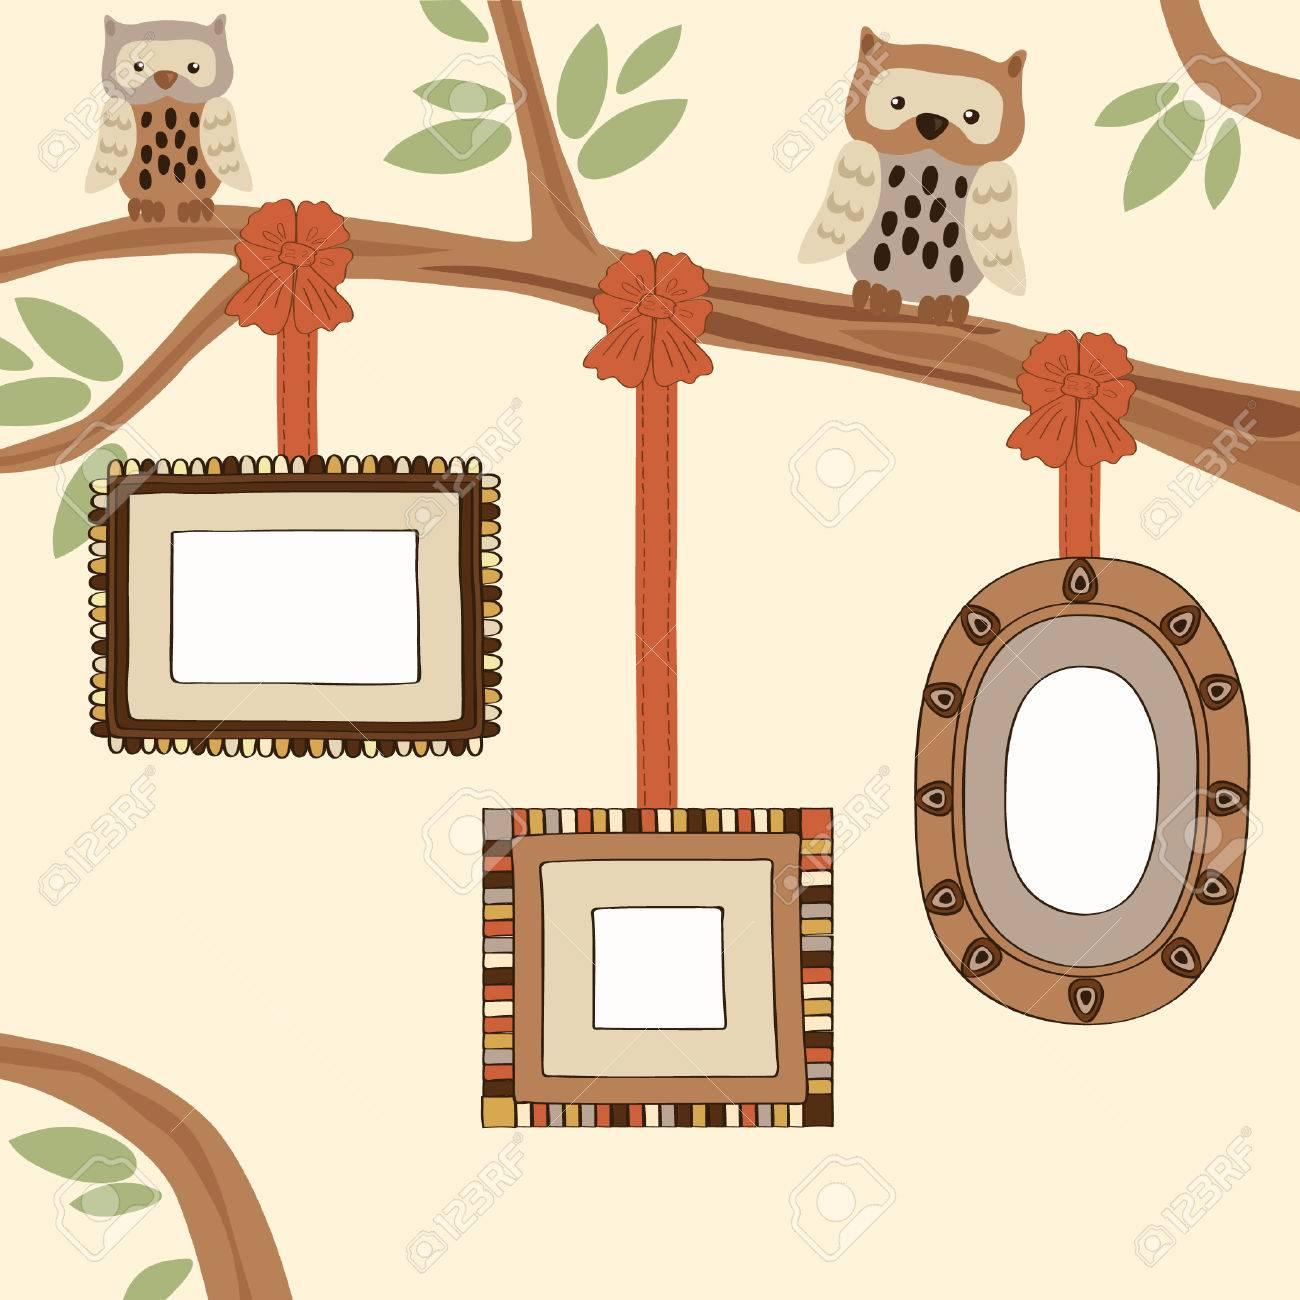 Three Empty Frames On Family Tree Royalty Free Cliparts, Vectors ...